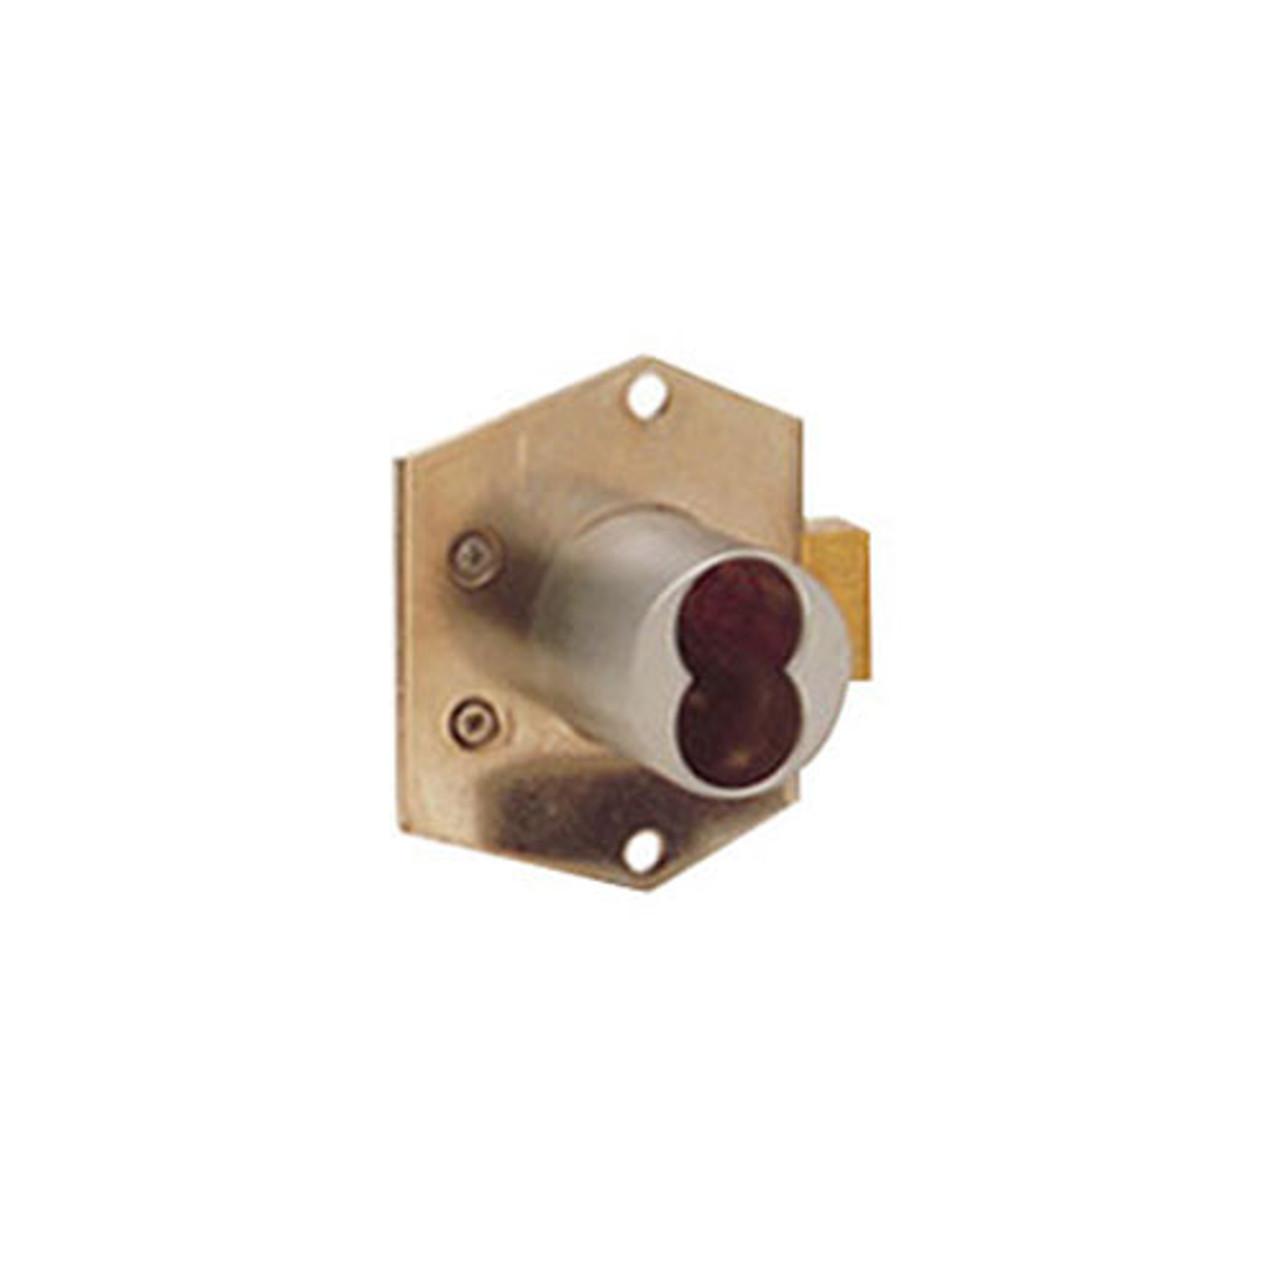 Olympus 725RD-DWKVH-US4 Rim Mount Deadbolt Cabinet Locks in Satin Brass Finish